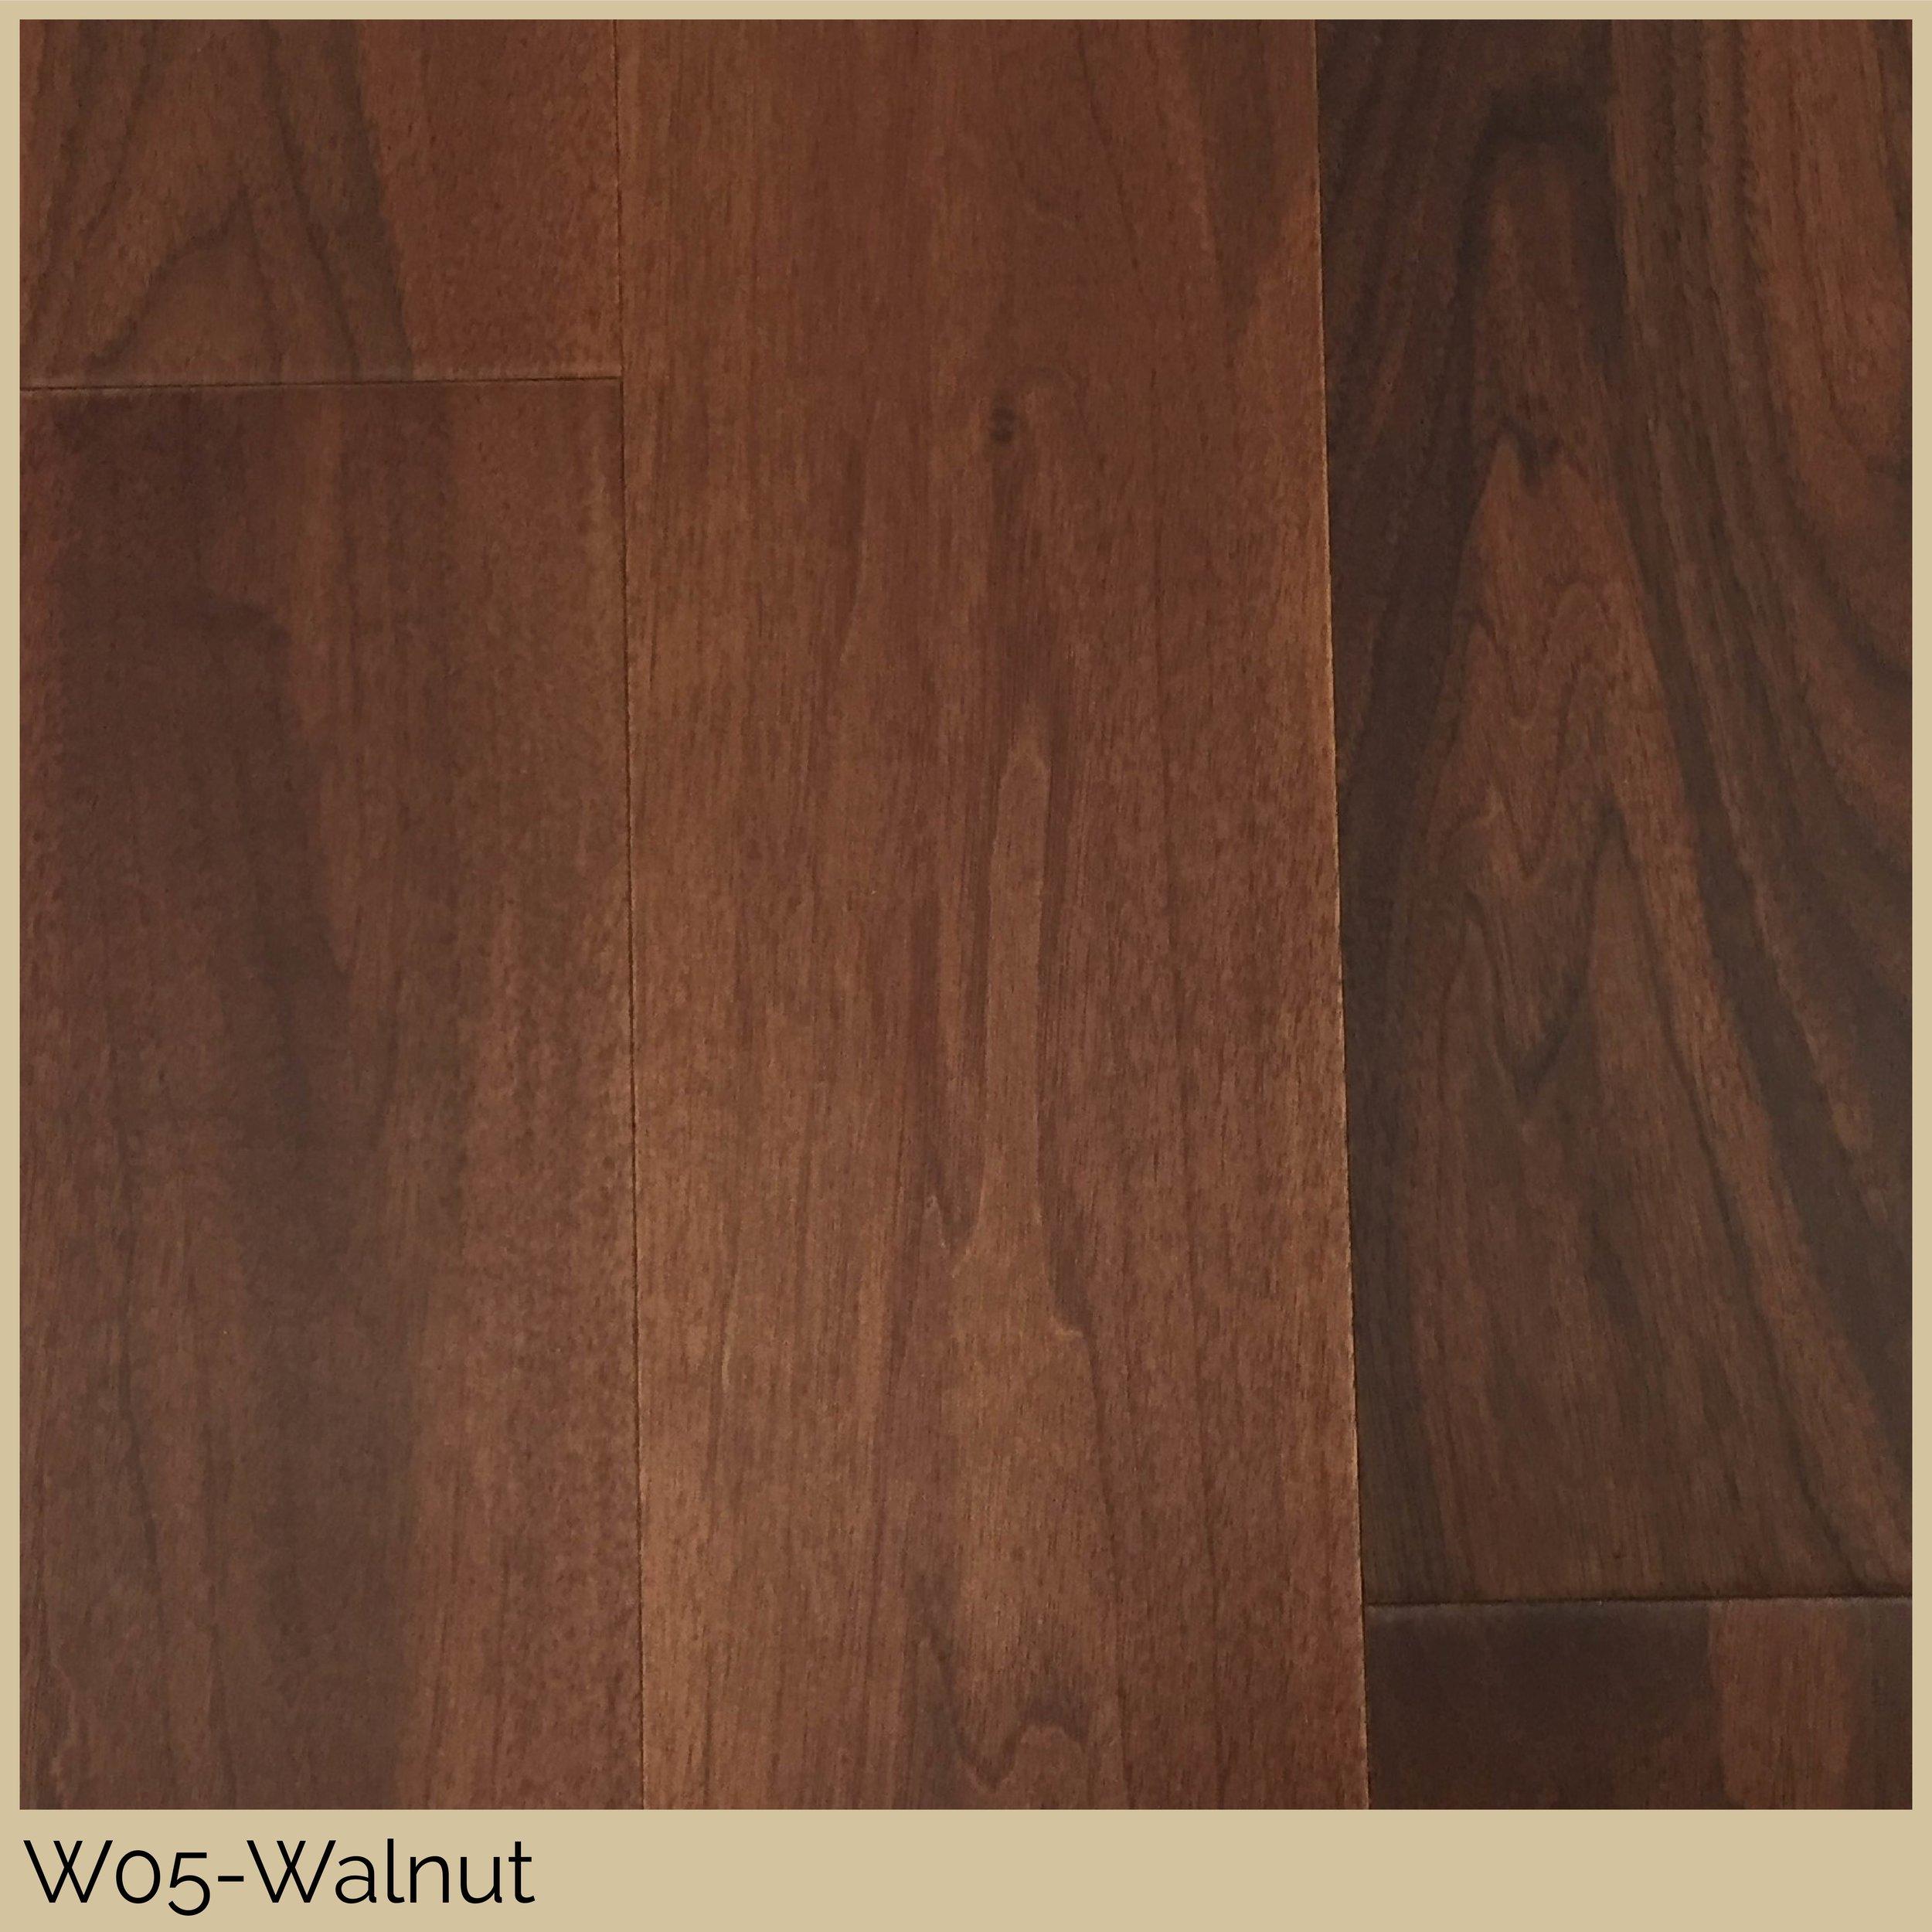 W05-Walnut.jpg